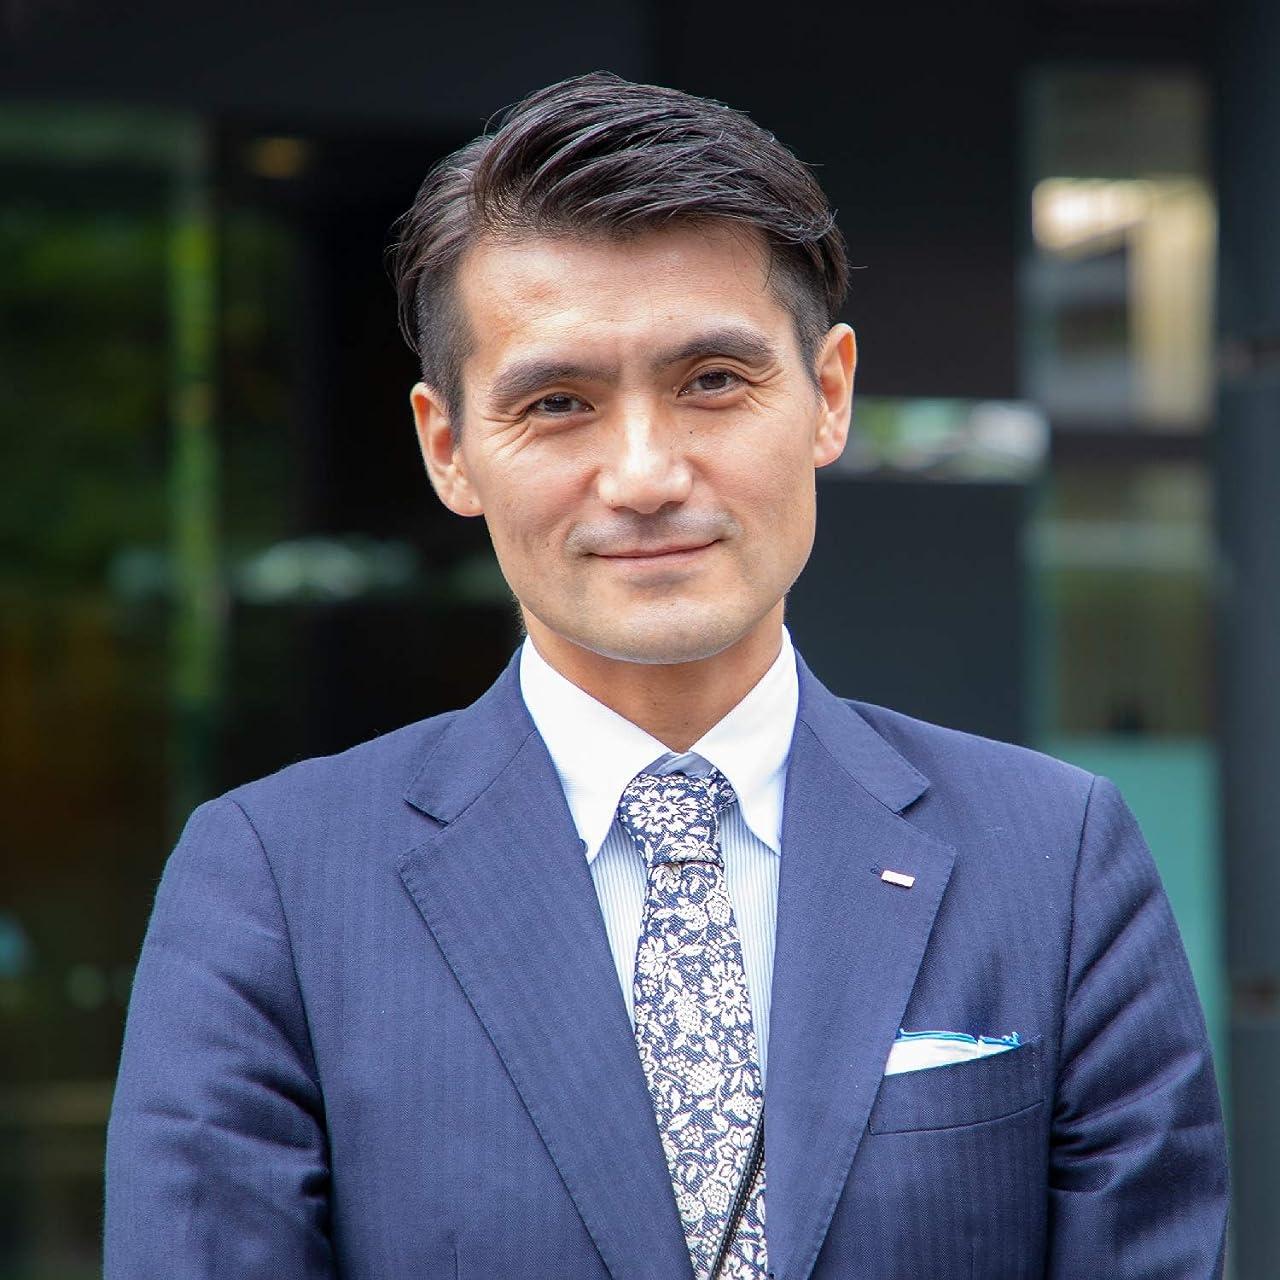 松坂哲史氏(ヒューマンライフケア株式会社)